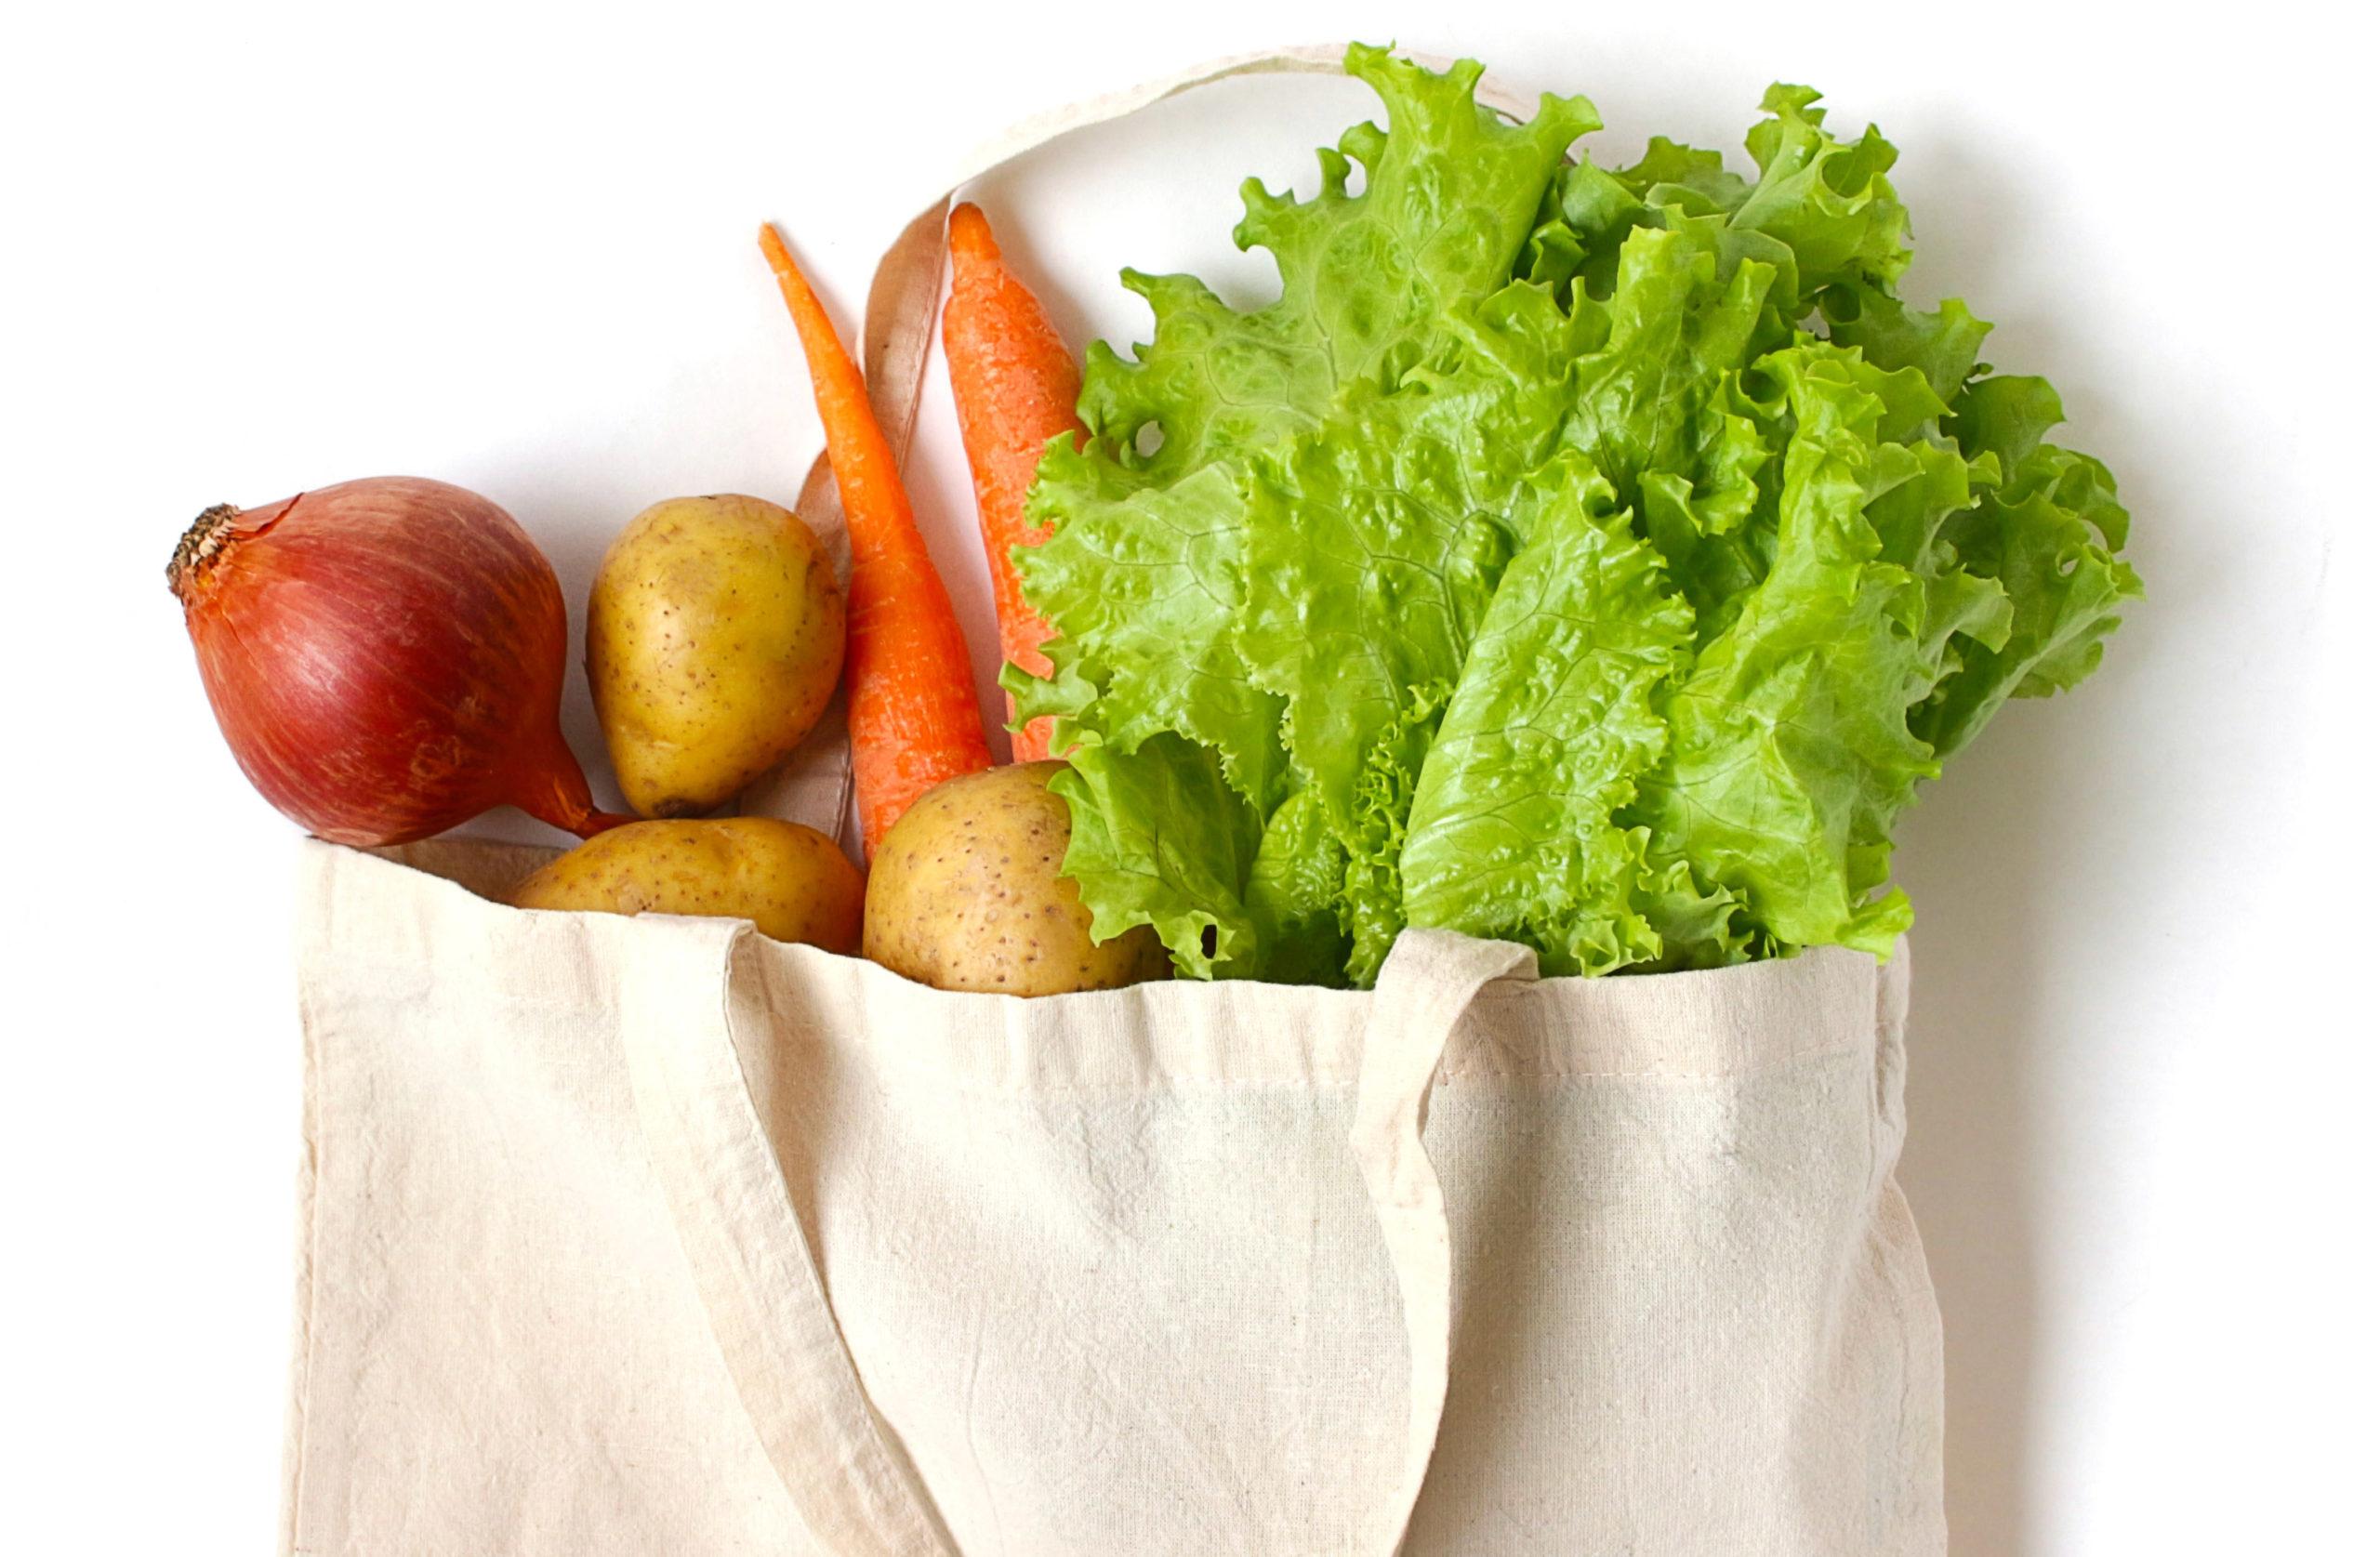 Comprar en un supermercado ecológico online